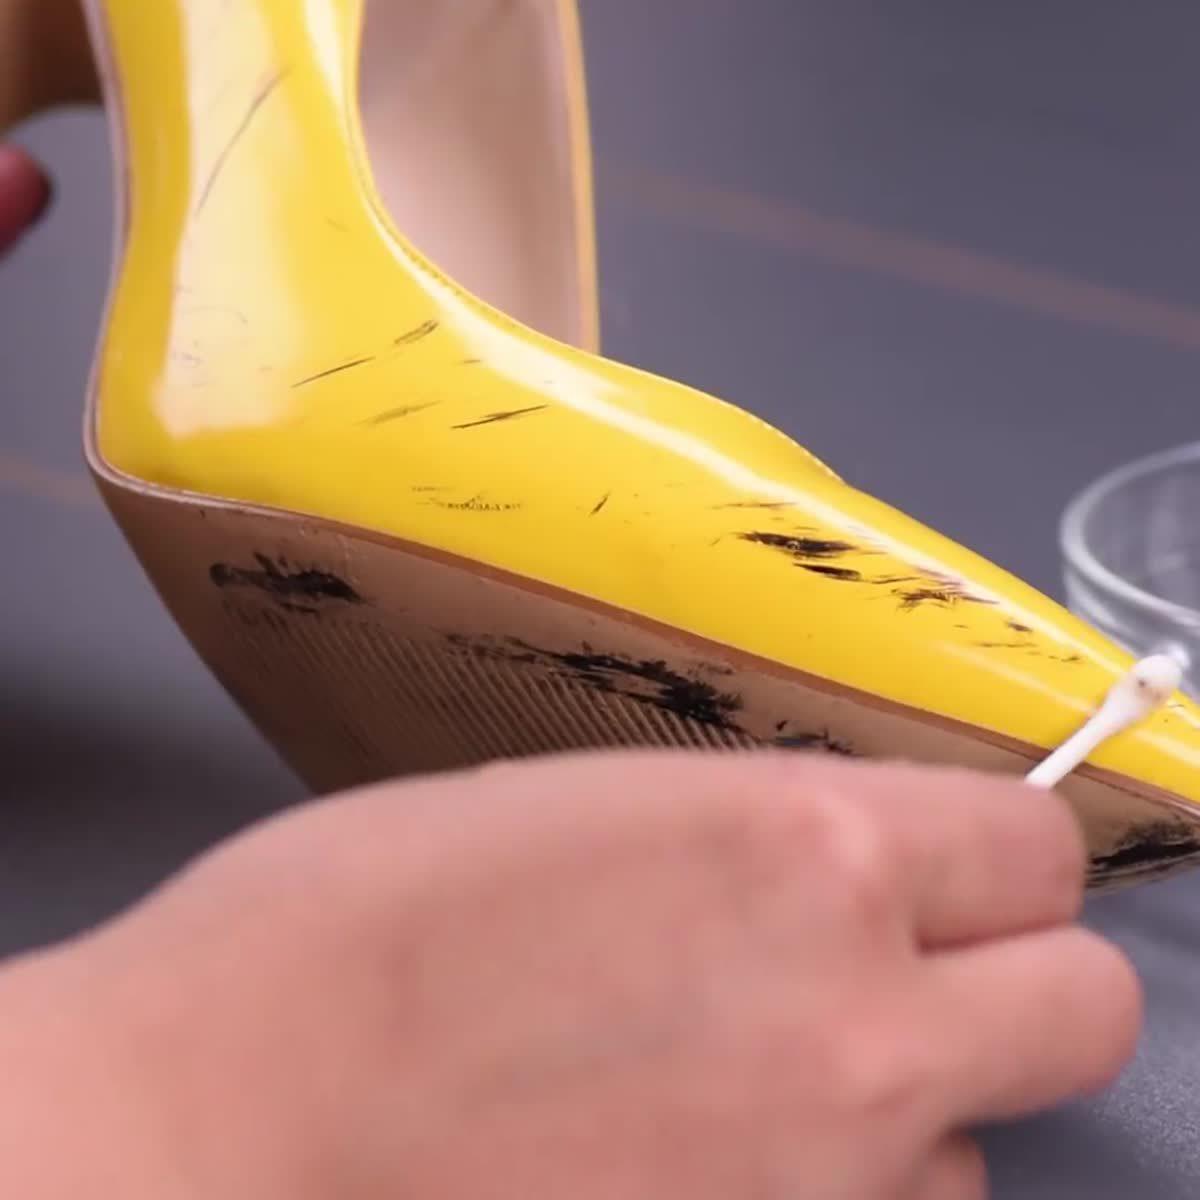 คนรักรองเท้าต้องดู เทคนิคดูแลรองเท้า แกะหมากฝรั่ง VS ซักรองเท้าผ้าใบสีขาวแบบง๊าย..ง่าย ไปดู